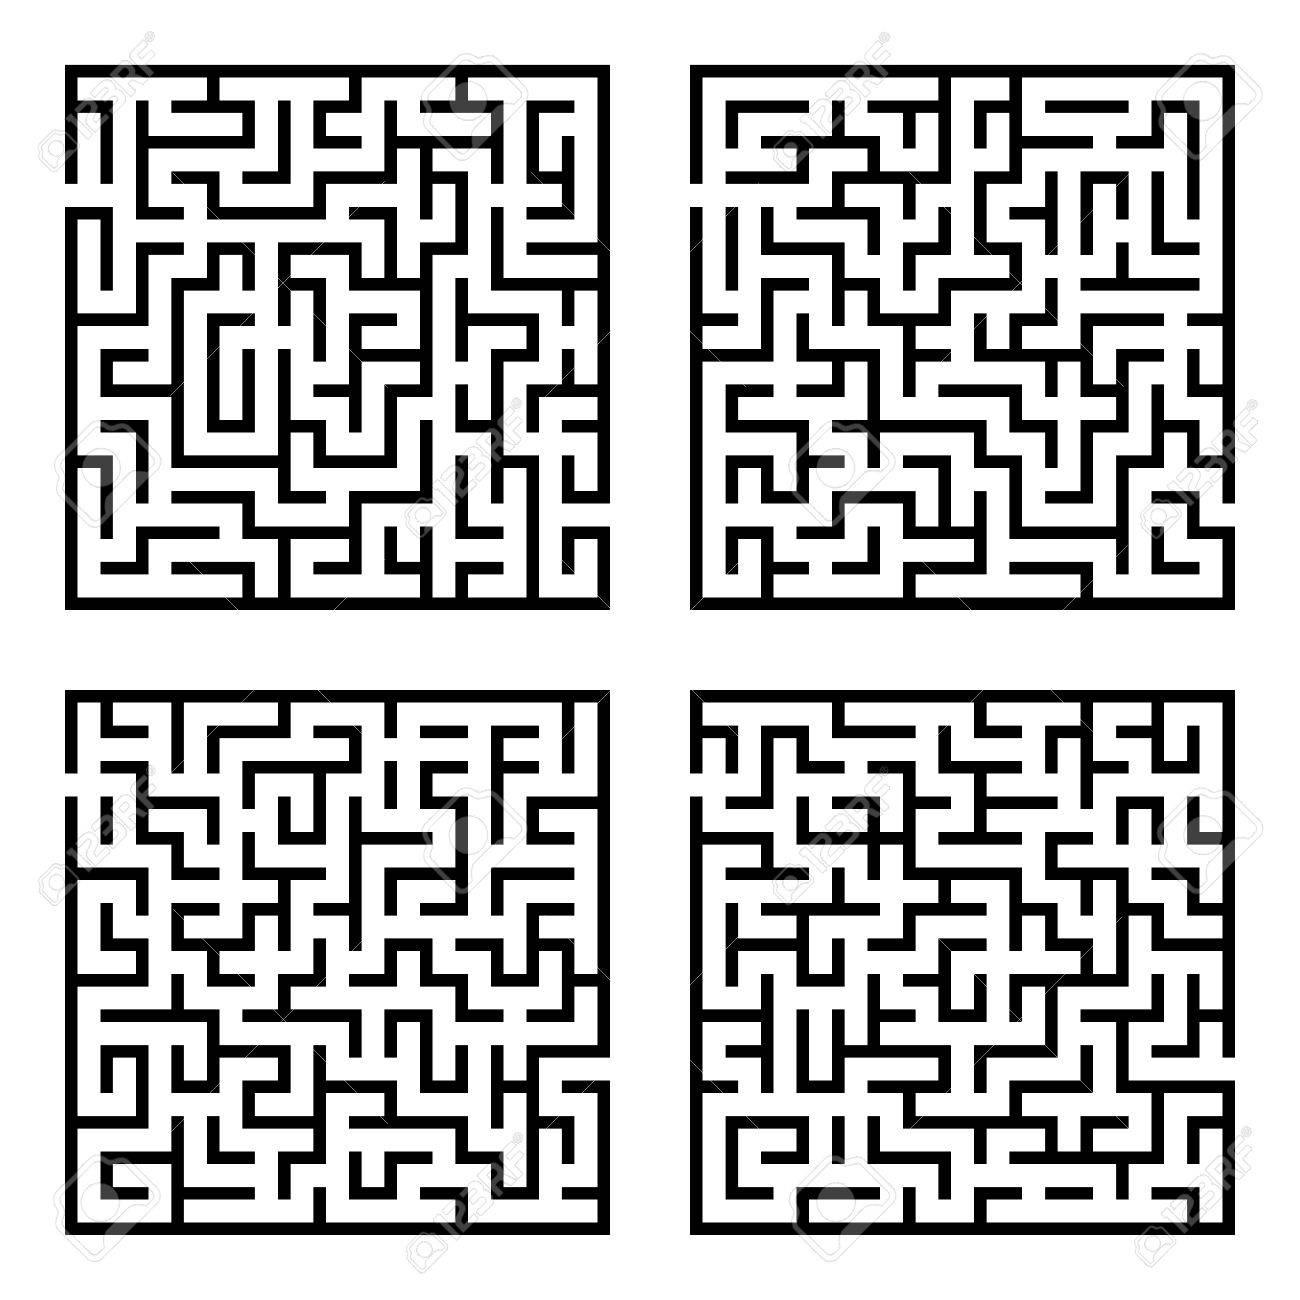 迷路迷路のセットです セットの簡単な 4 つの迷路のベクトル イラストのイラスト素材 ベクタ Image